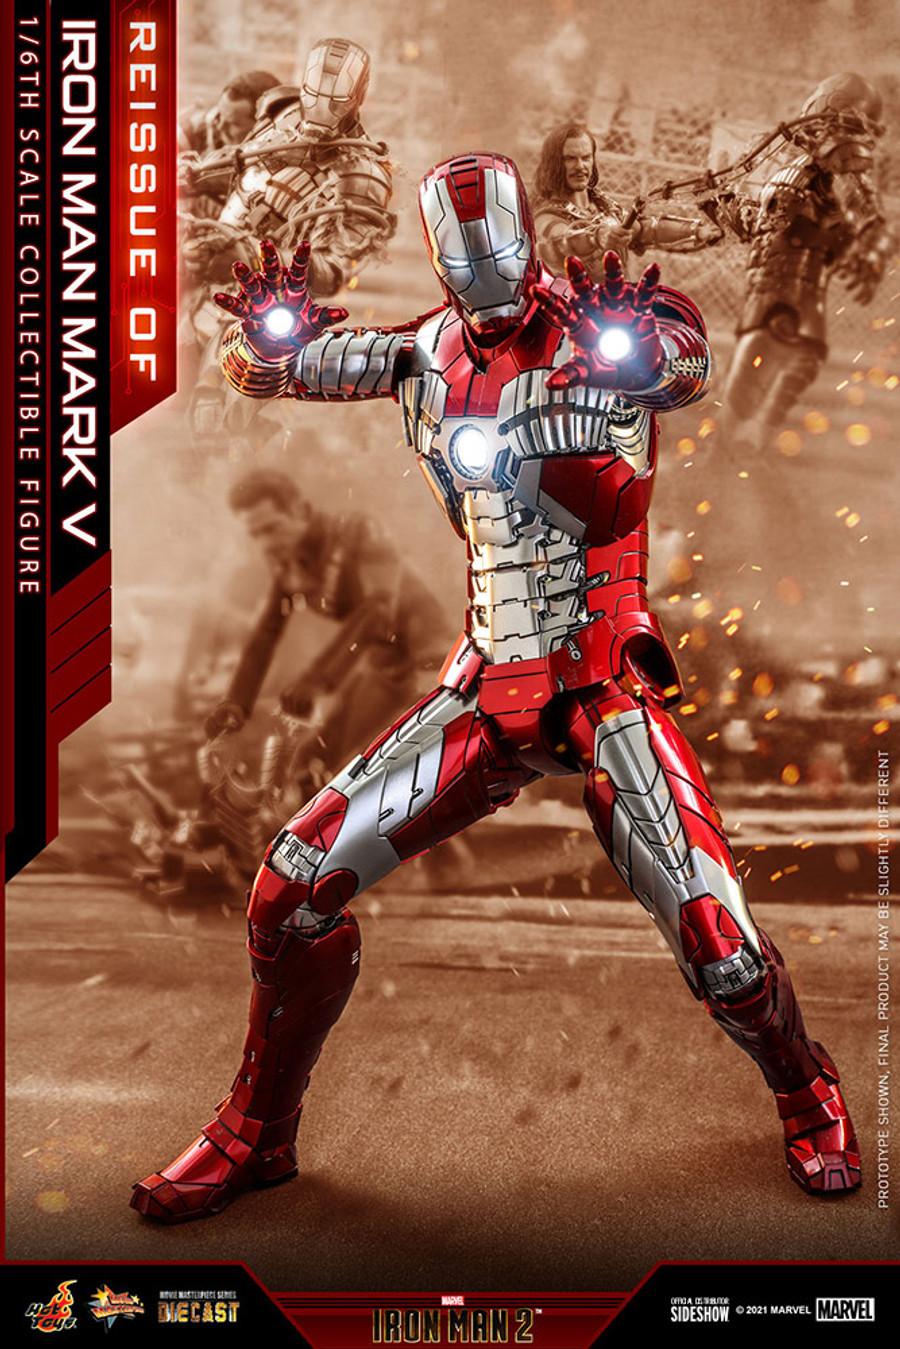 Hot Toys - Iron Man 2 - Iron Man Mark V